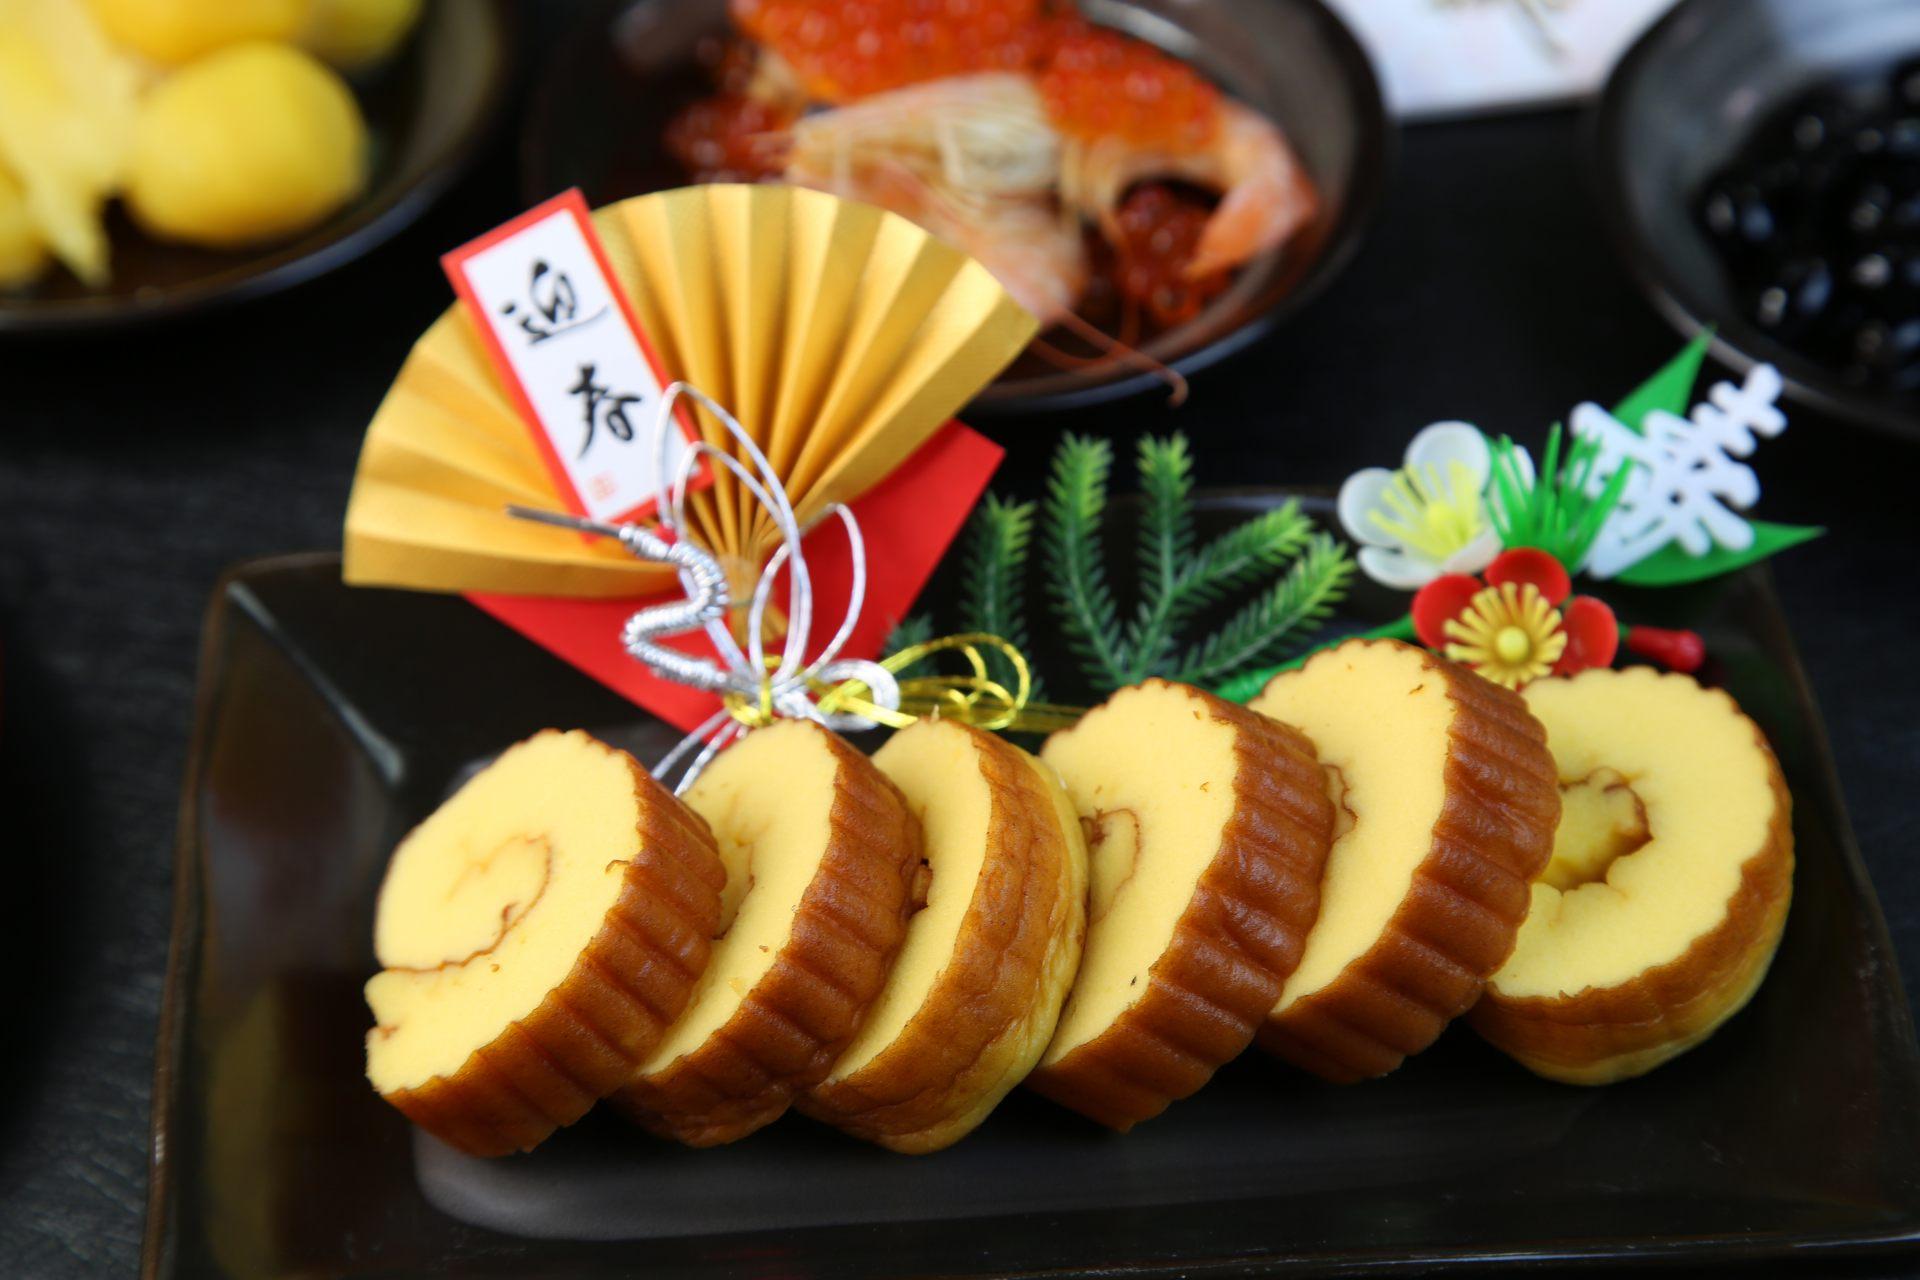 御節料理的代表食材:伊達巻玉子